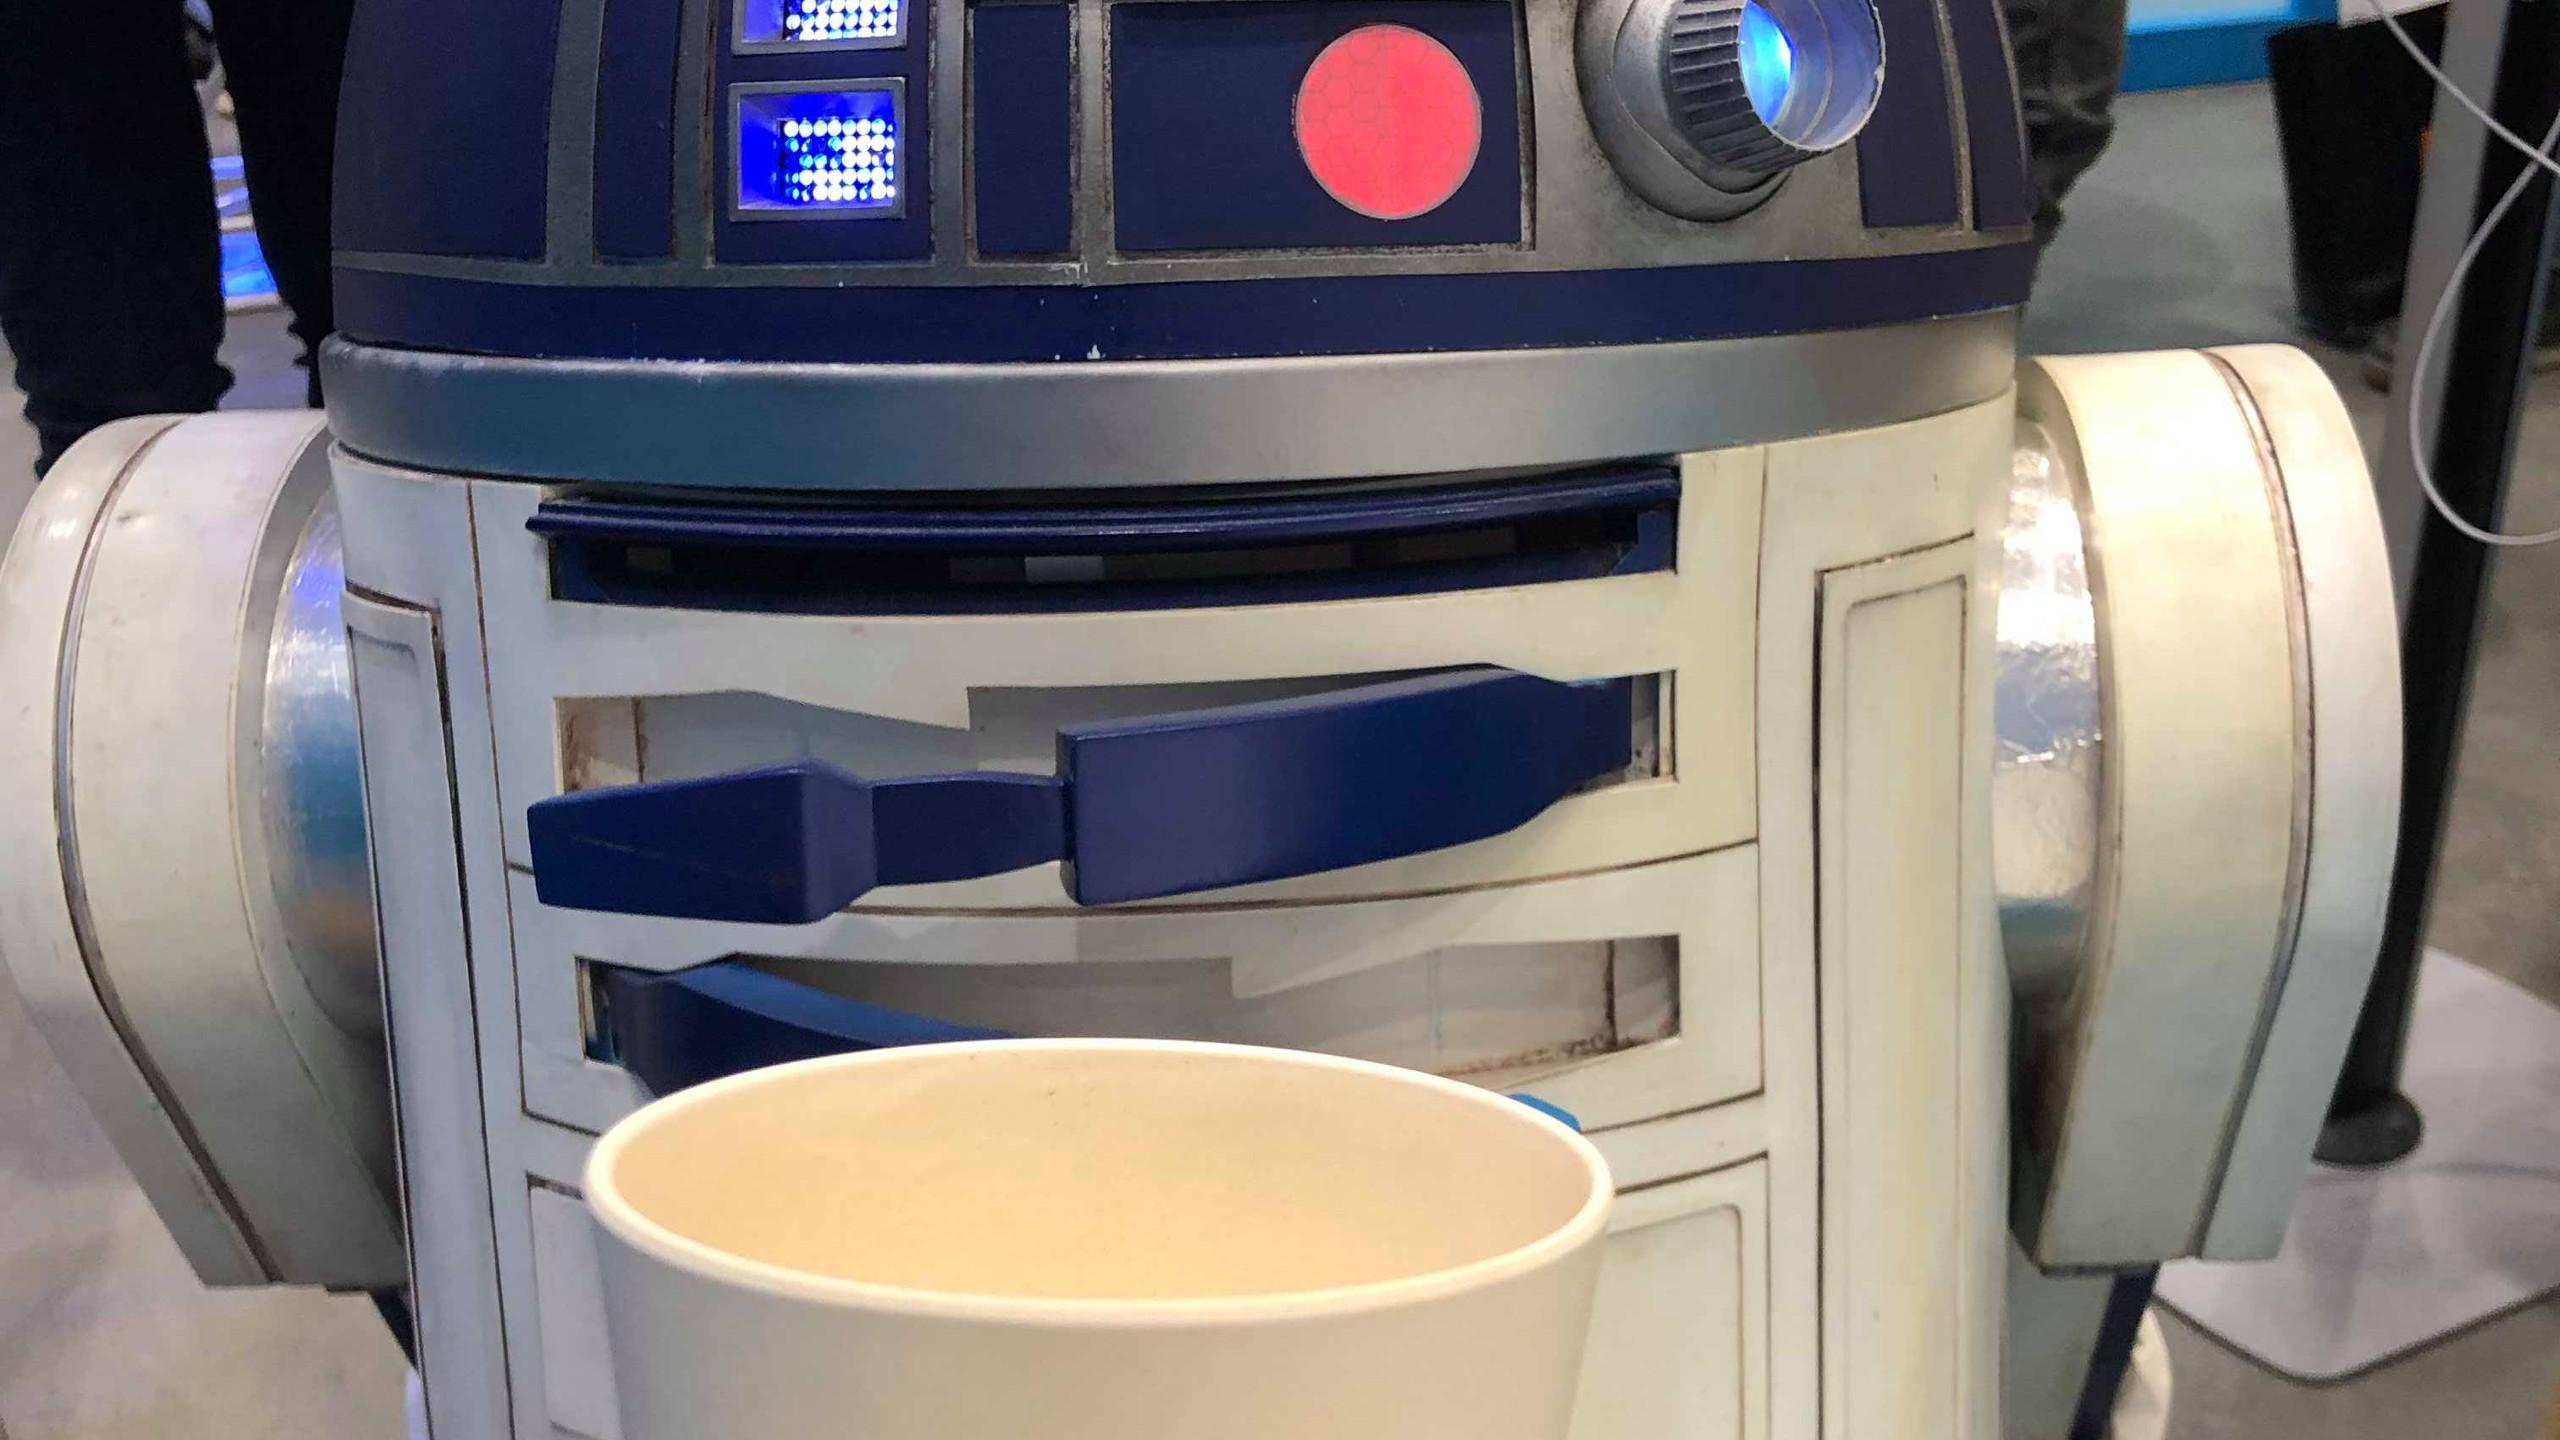 Kaffee, Barista, Event, Messe, Catering, Kaffeebar, Bar, Kaffeecatering